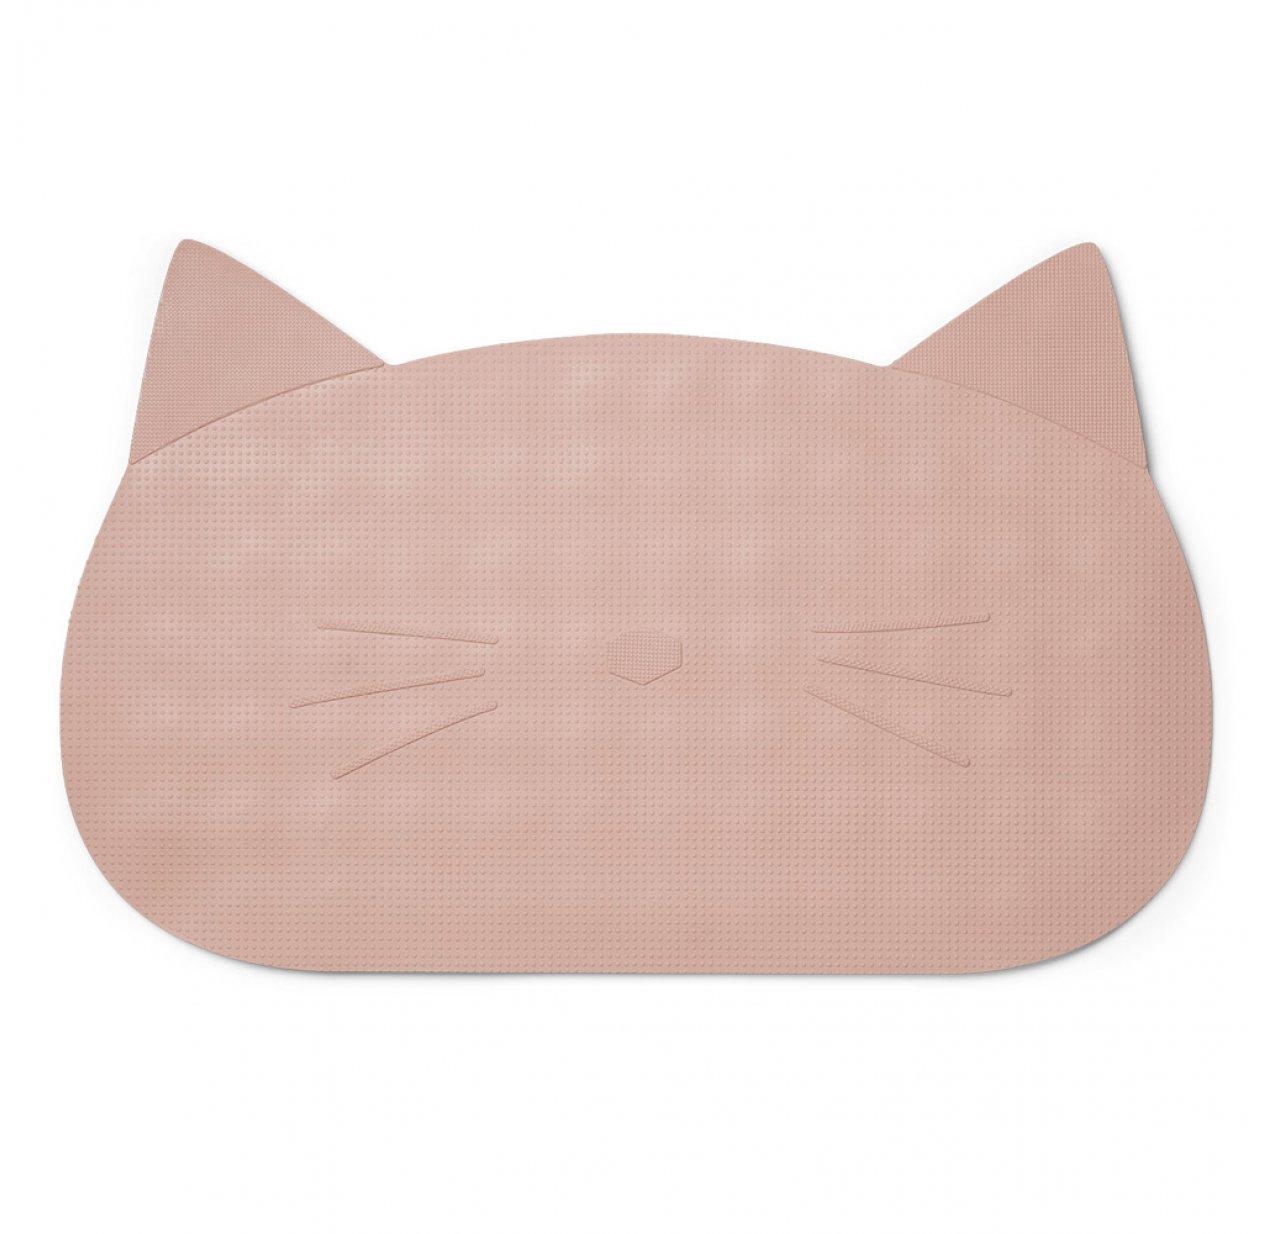 tapis de bain chat rose pastel liewood pour chambre enfant les enfants du design. Black Bedroom Furniture Sets. Home Design Ideas